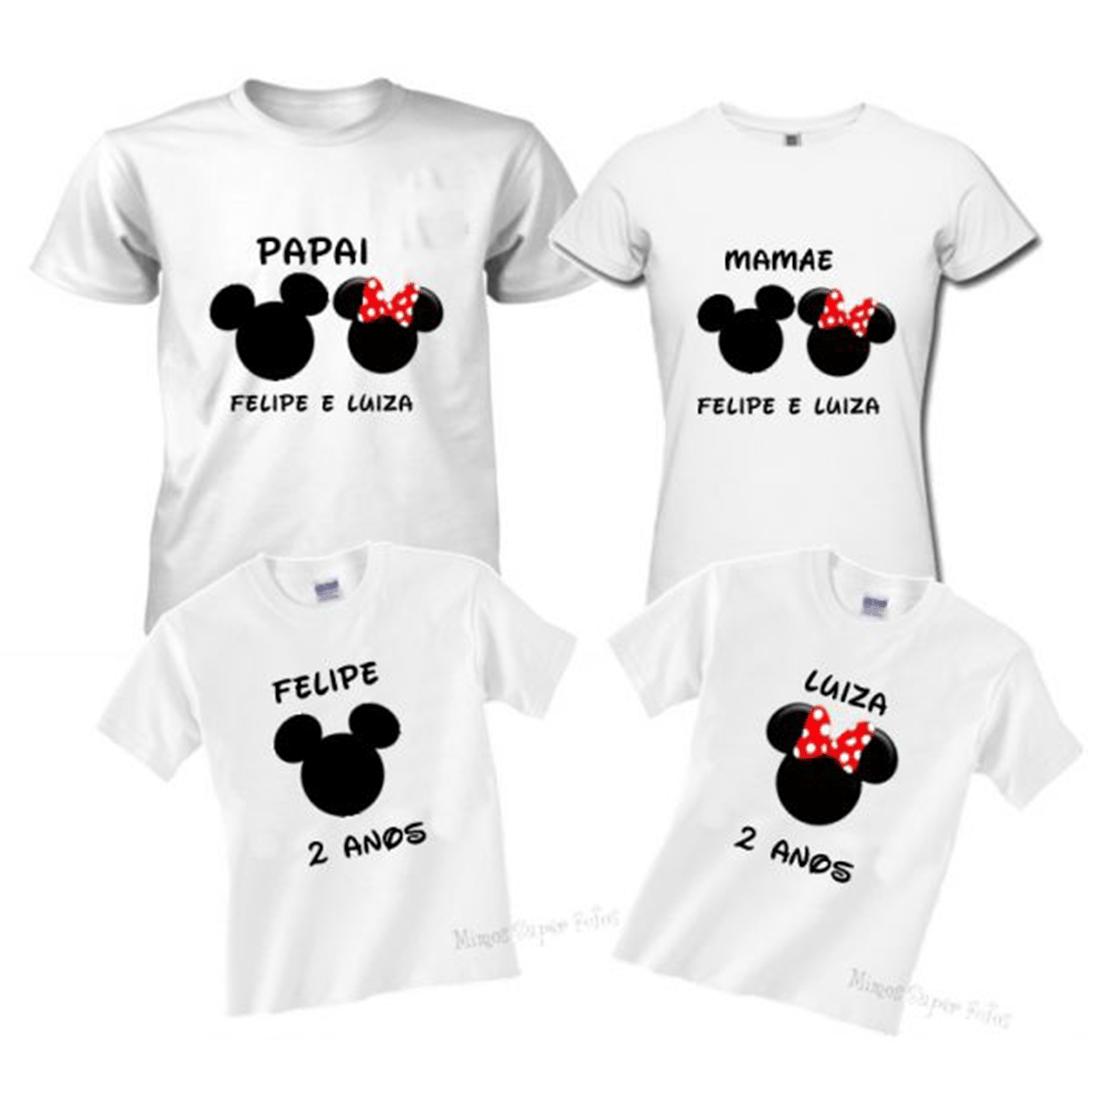 Kit Camisetas Para Família. Camisetas Personalizadas 60152199050